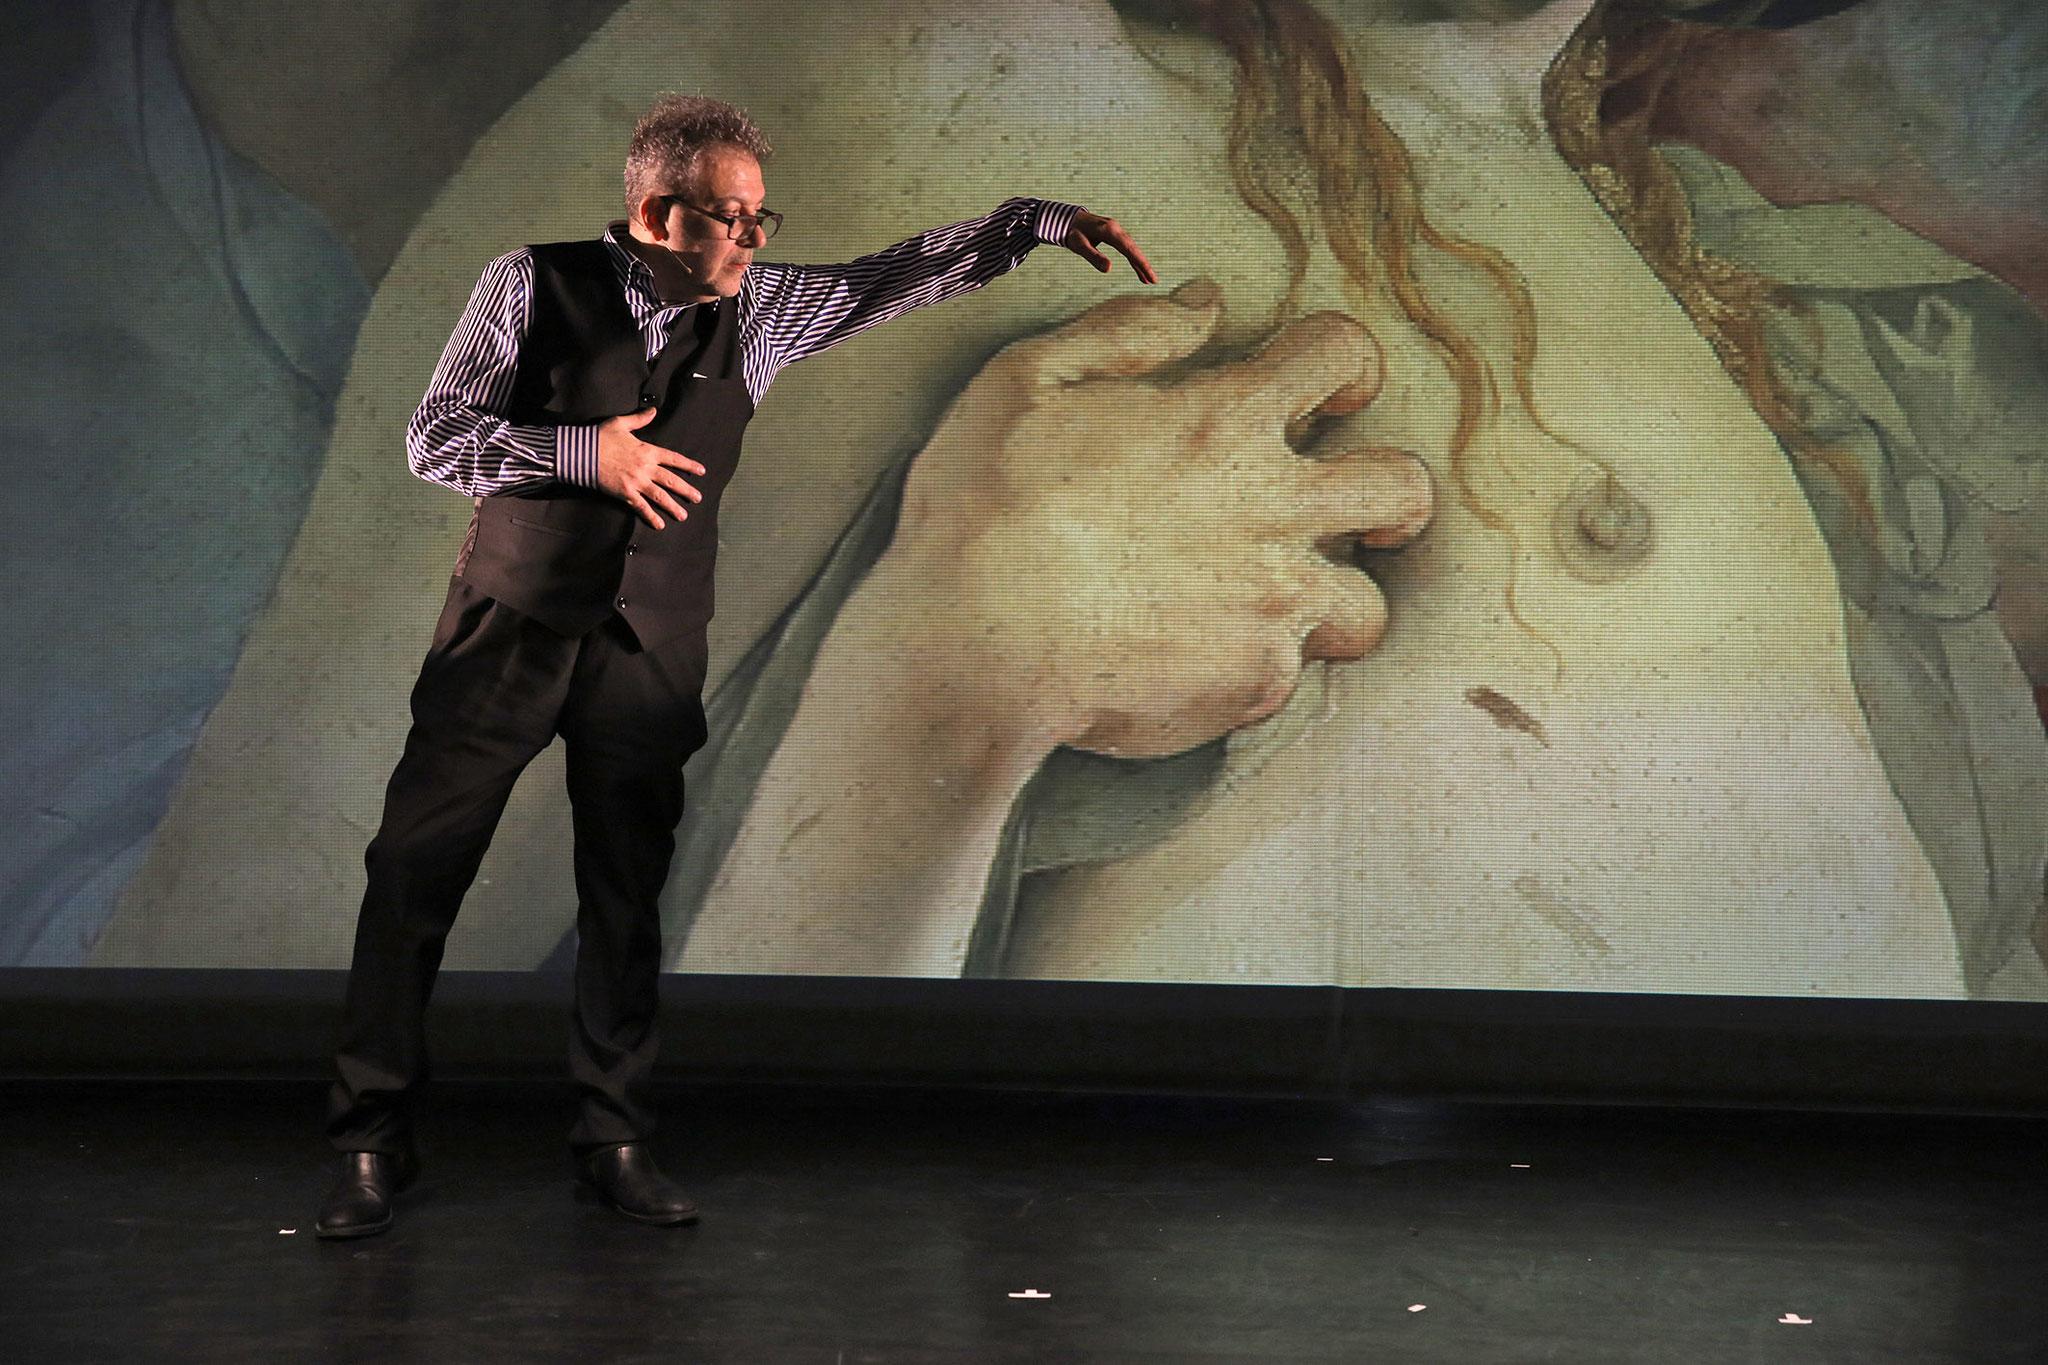 TOUTE L'HISTOIRE DE LA PEINTURE EN ZIGZAGS - 16h30 - Salle Juliette Drouet / Carrée